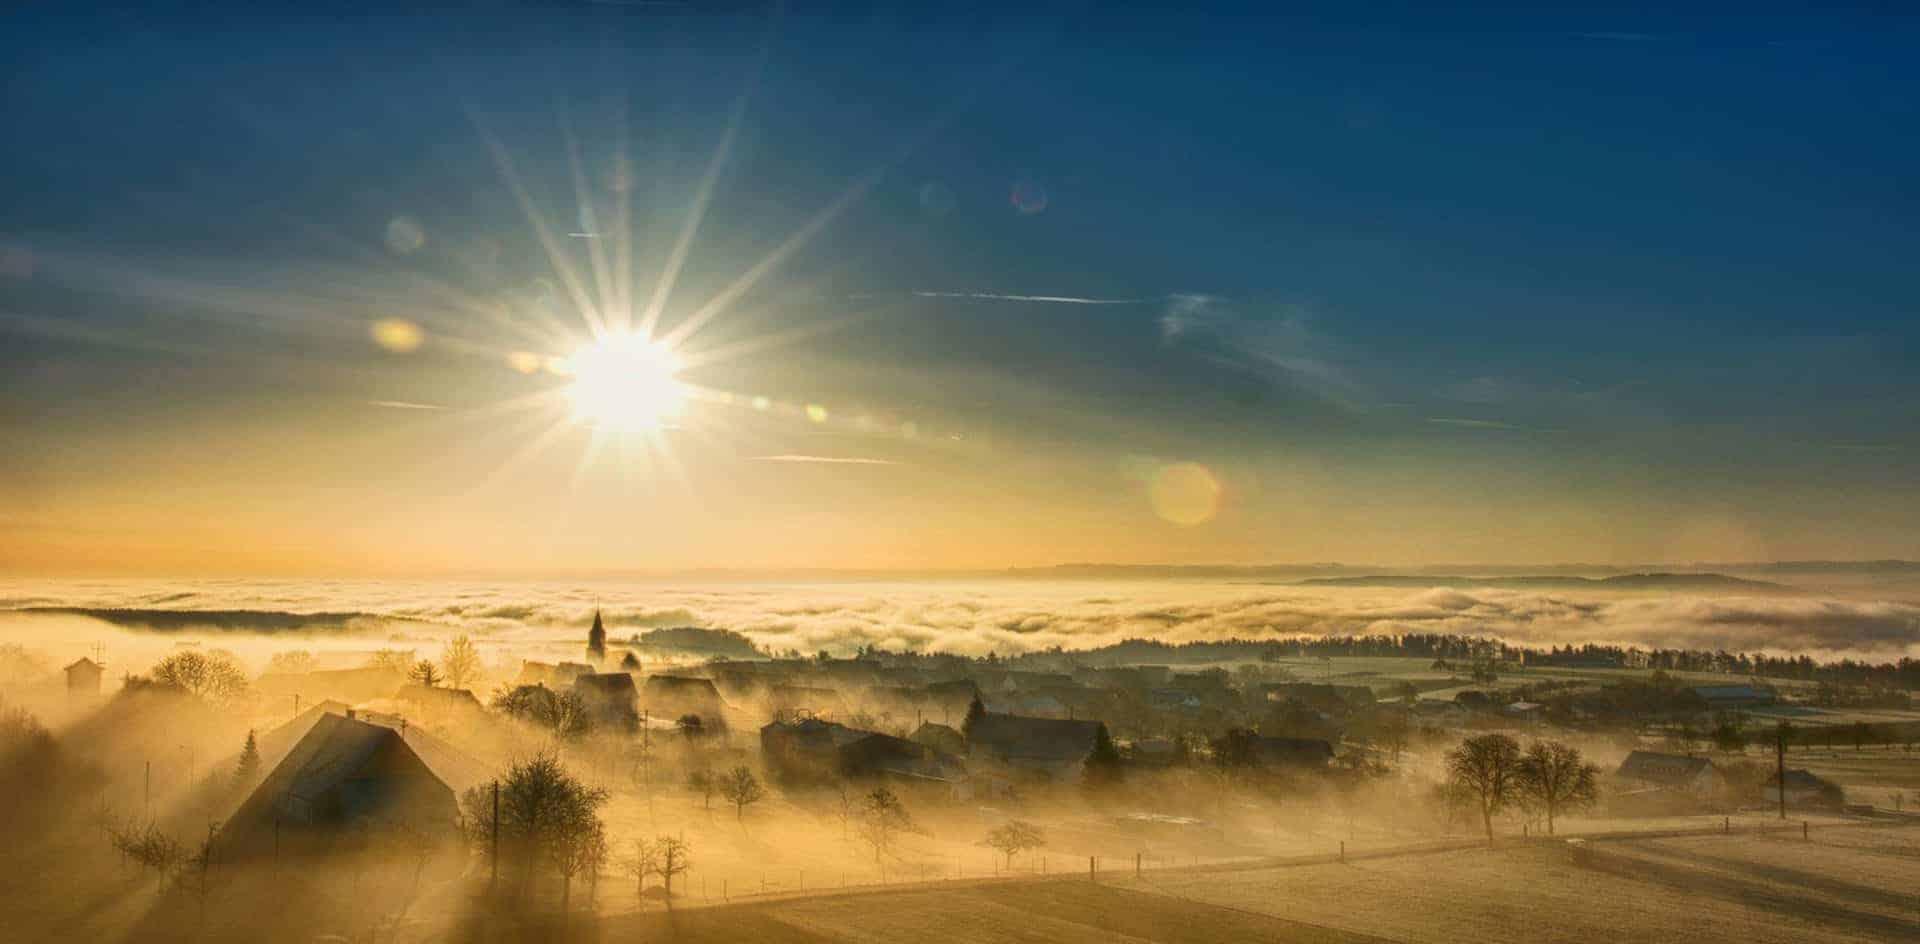 החמה ברכות השחר